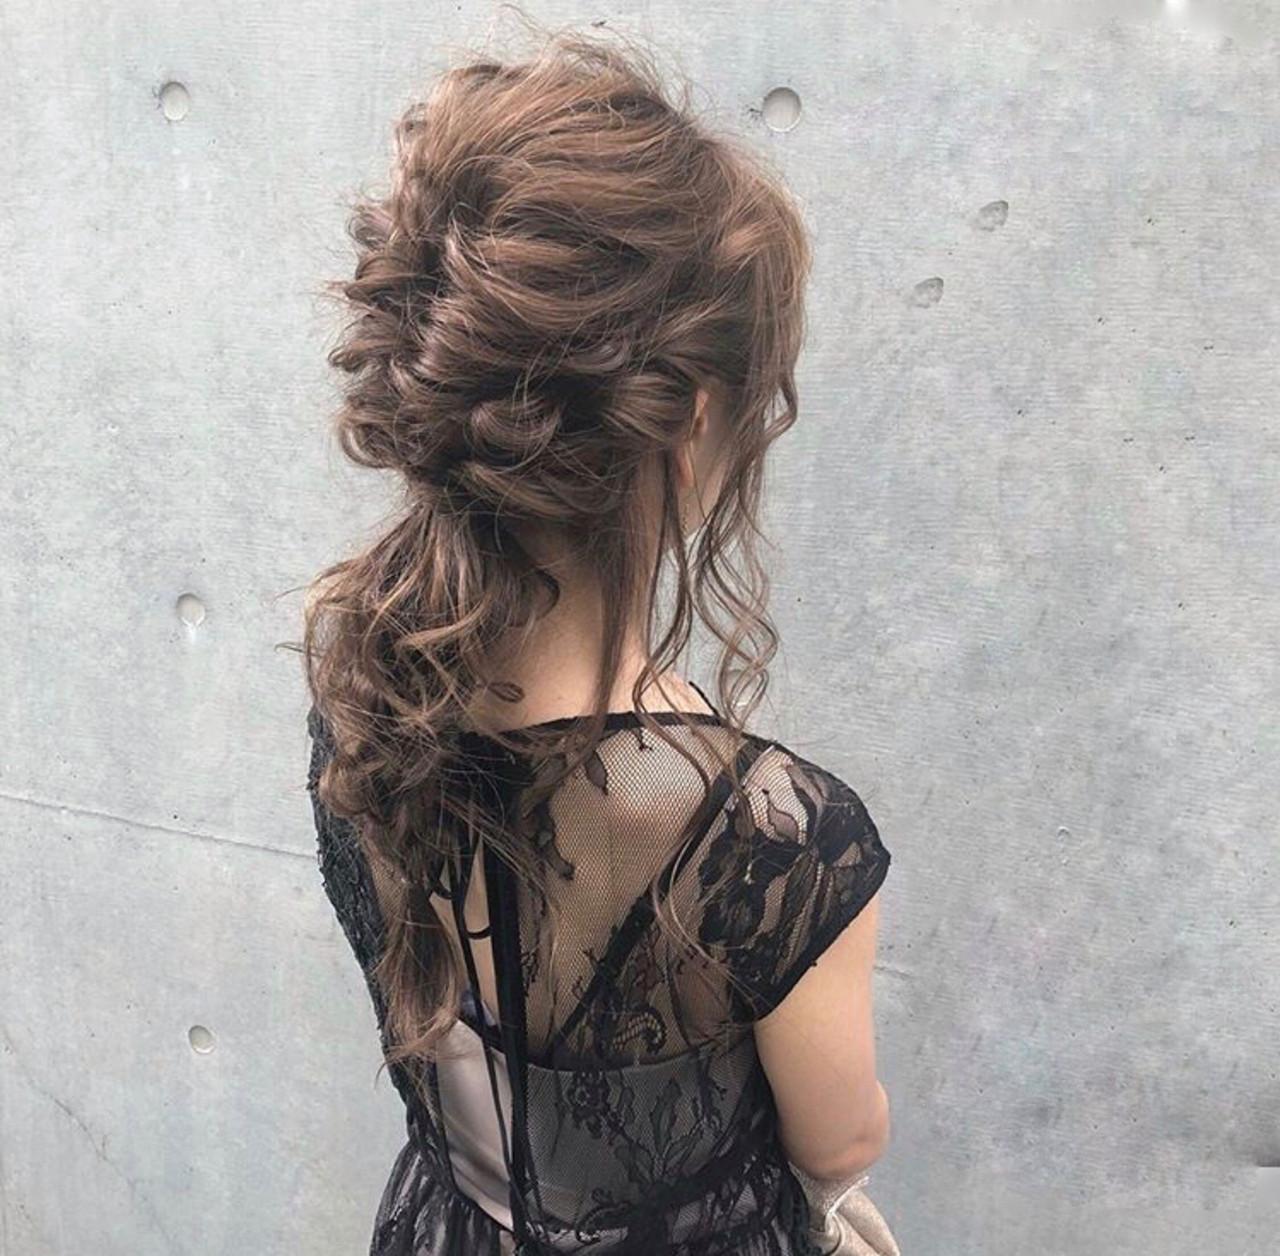 フェミニン 結婚式 簡単ヘアアレンジ セミロング ヘアスタイルや髪型の写真・画像